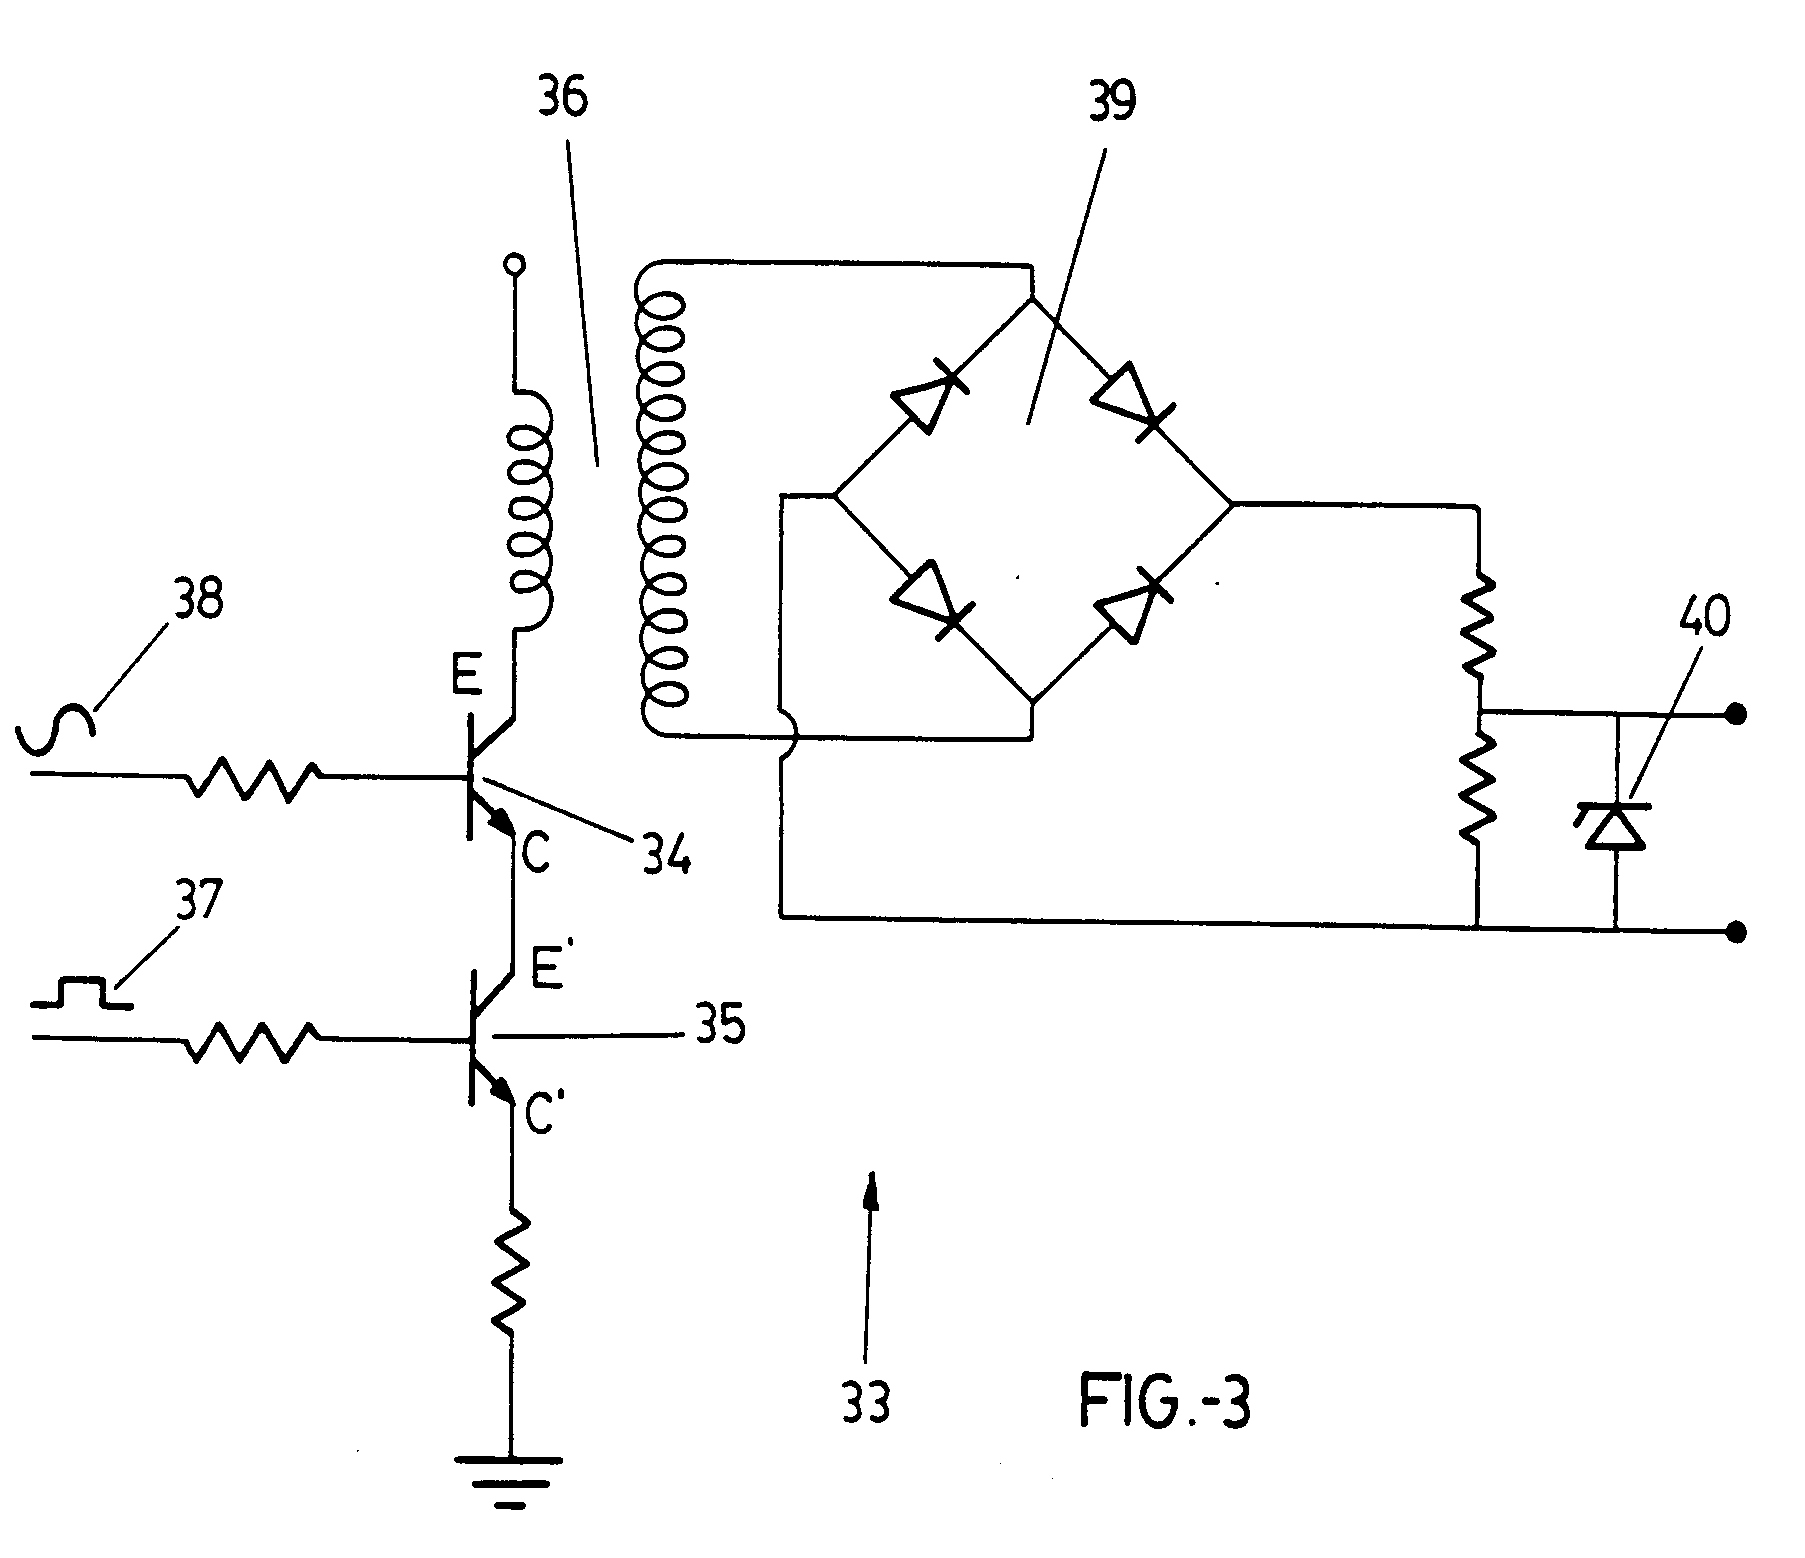 patent ep0248754b1 m thode et appareil pour la. Black Bedroom Furniture Sets. Home Design Ideas